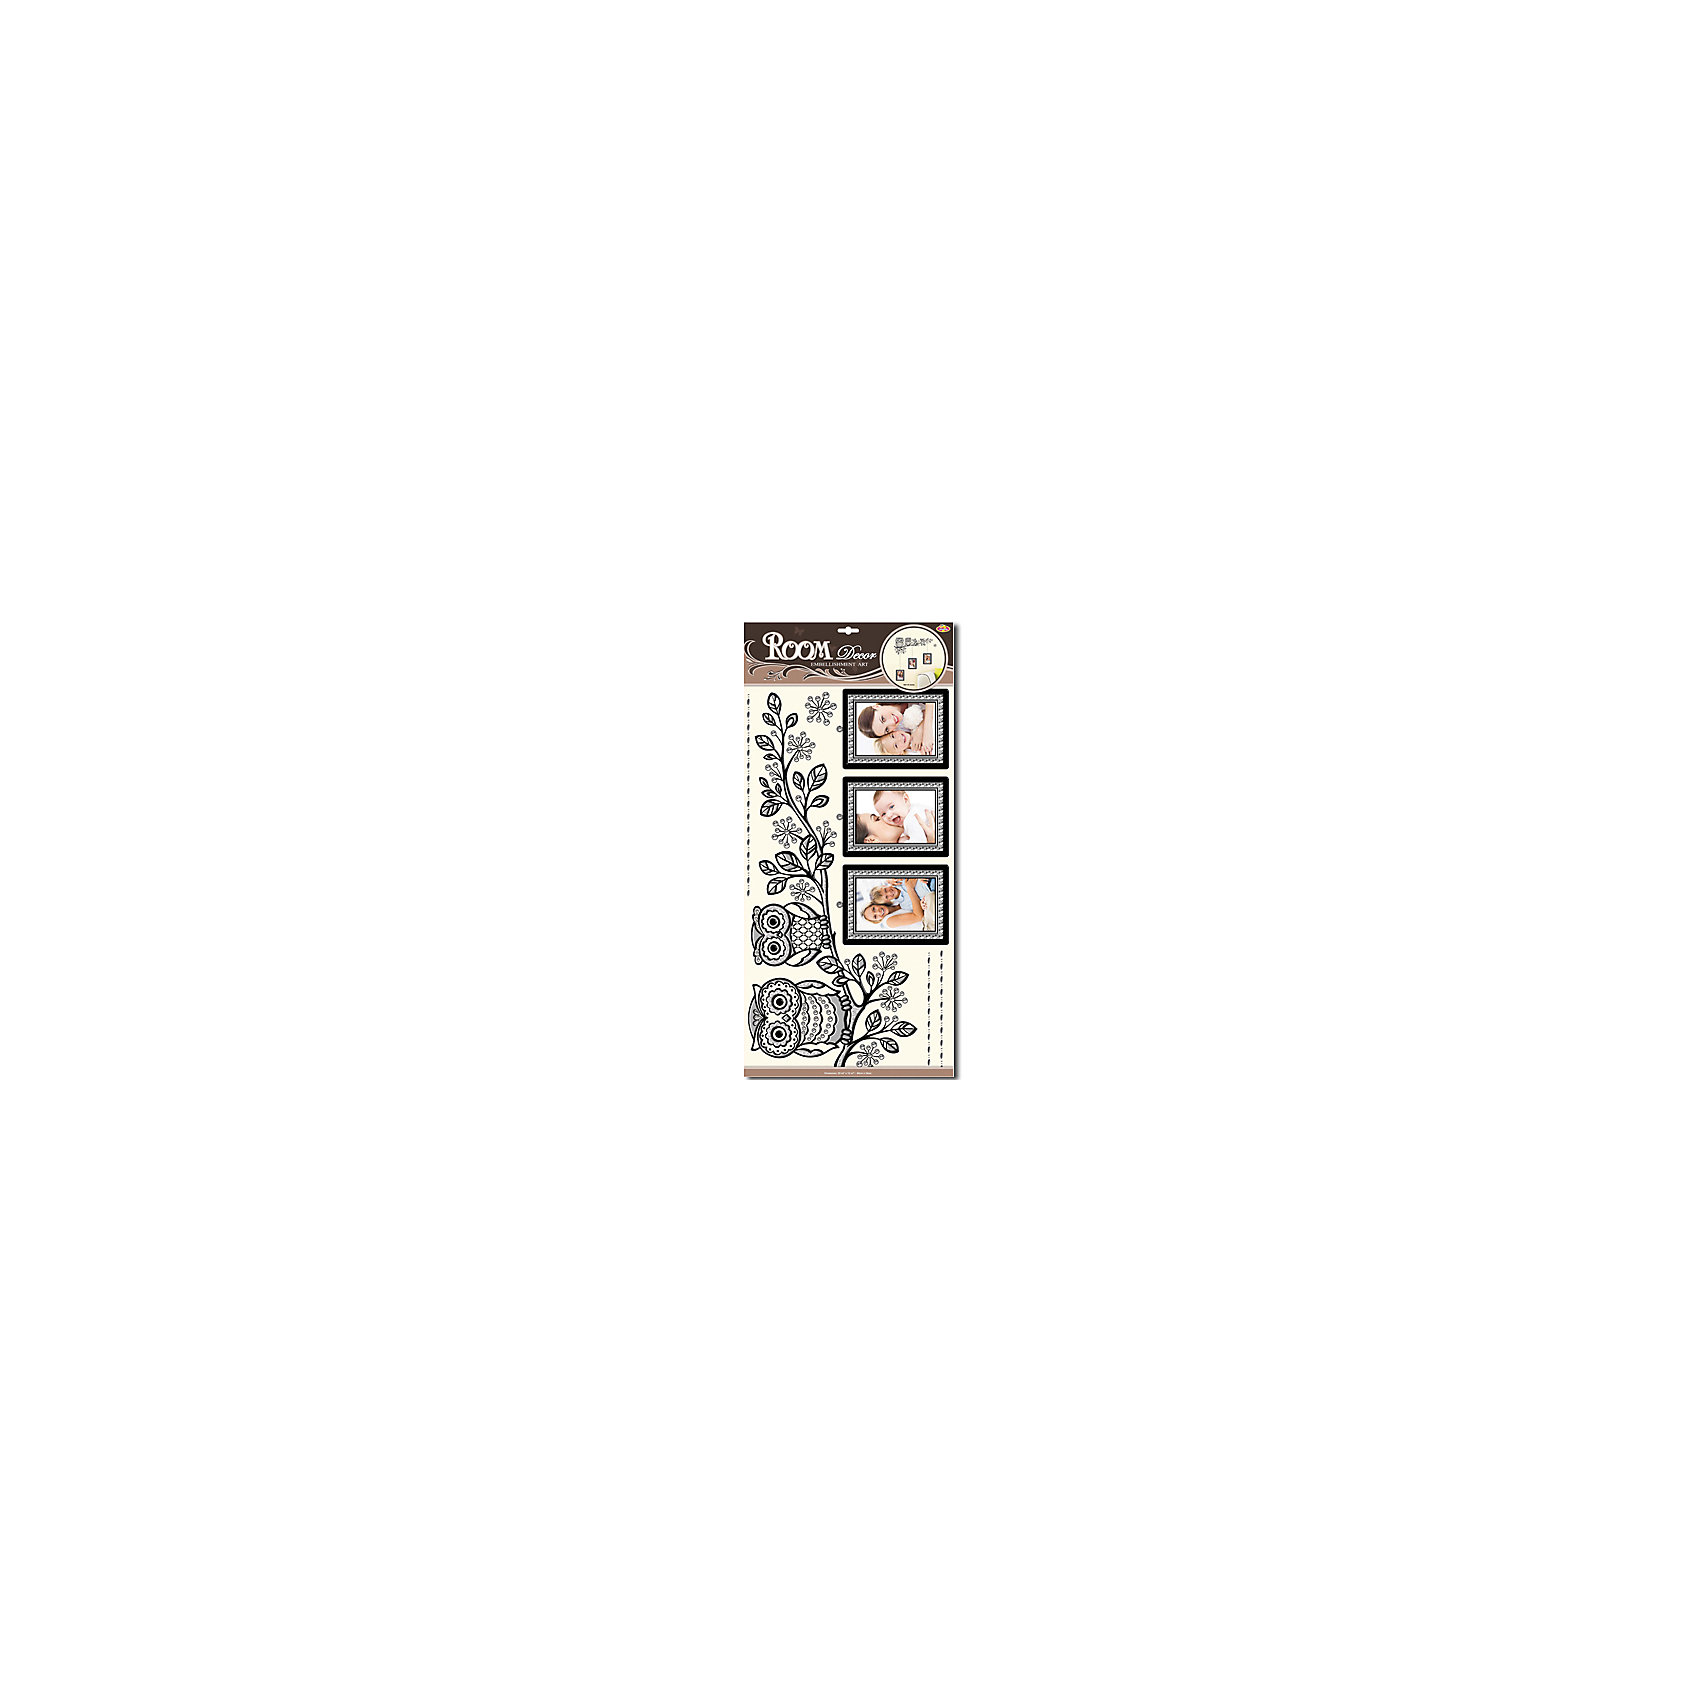 Наклейка Совы с фото POA5936, Room DecorПредметы интерьера<br>Характеристики:<br><br>• Предназначение: декор комнаты<br>• Тематика наклеек: совы<br>• Материал: картон, ПВХ<br>• Комплектация: 7 элементов<br>• Декоративные элементы: 3 рамки для фото<br>• Форма: 3d<br>• Объемные<br>• Клейкая поверхность крепится на окрашенные стены, обои, двери, деревянные панели, стекло<br>• Не повреждают поверхность<br>• Устойчивы к выцветанию и истиранию<br>• Повышенные влагостойкие свойства<br>• Размеры (Д*Ш*В): 32*7*60 см<br>• Вес: 50 г<br>• Упаковка: блистер<br><br>Все наклейки выполнены из безопасного и нетоксичного материала – ПВХ. Прочная клеевая основа обеспечивает надежное прикрепление практически к любому виду горизонтальной или вертикальной поверхности, при этом не деформируя и не повреждая ее. Наклейки обладают влагоустойчивыми свойствами, поэтому они хорошо переносят влажную уборку. <br><br>Наклейка Совы с фото POA5936, Room Decor состоит из набора, в который входят 7 элементов, изображающих сидящих на ветке сов. Наклейки декорированы имитацией трех фото-рамок, в которые можно вклеить любимые фотографии. Набор выполнен в объемном формате, что придает всей композиции 3d эффект. <br><br>Наклейку Совы с фото POA5936, Room Decor можно купить в нашем интернет-магазине.<br><br>Ширина мм: 320<br>Глубина мм: 70<br>Высота мм: 600<br>Вес г: 50<br>Возраст от месяцев: 36<br>Возраст до месяцев: 168<br>Пол: Унисекс<br>Возраст: Детский<br>SKU: 5513015